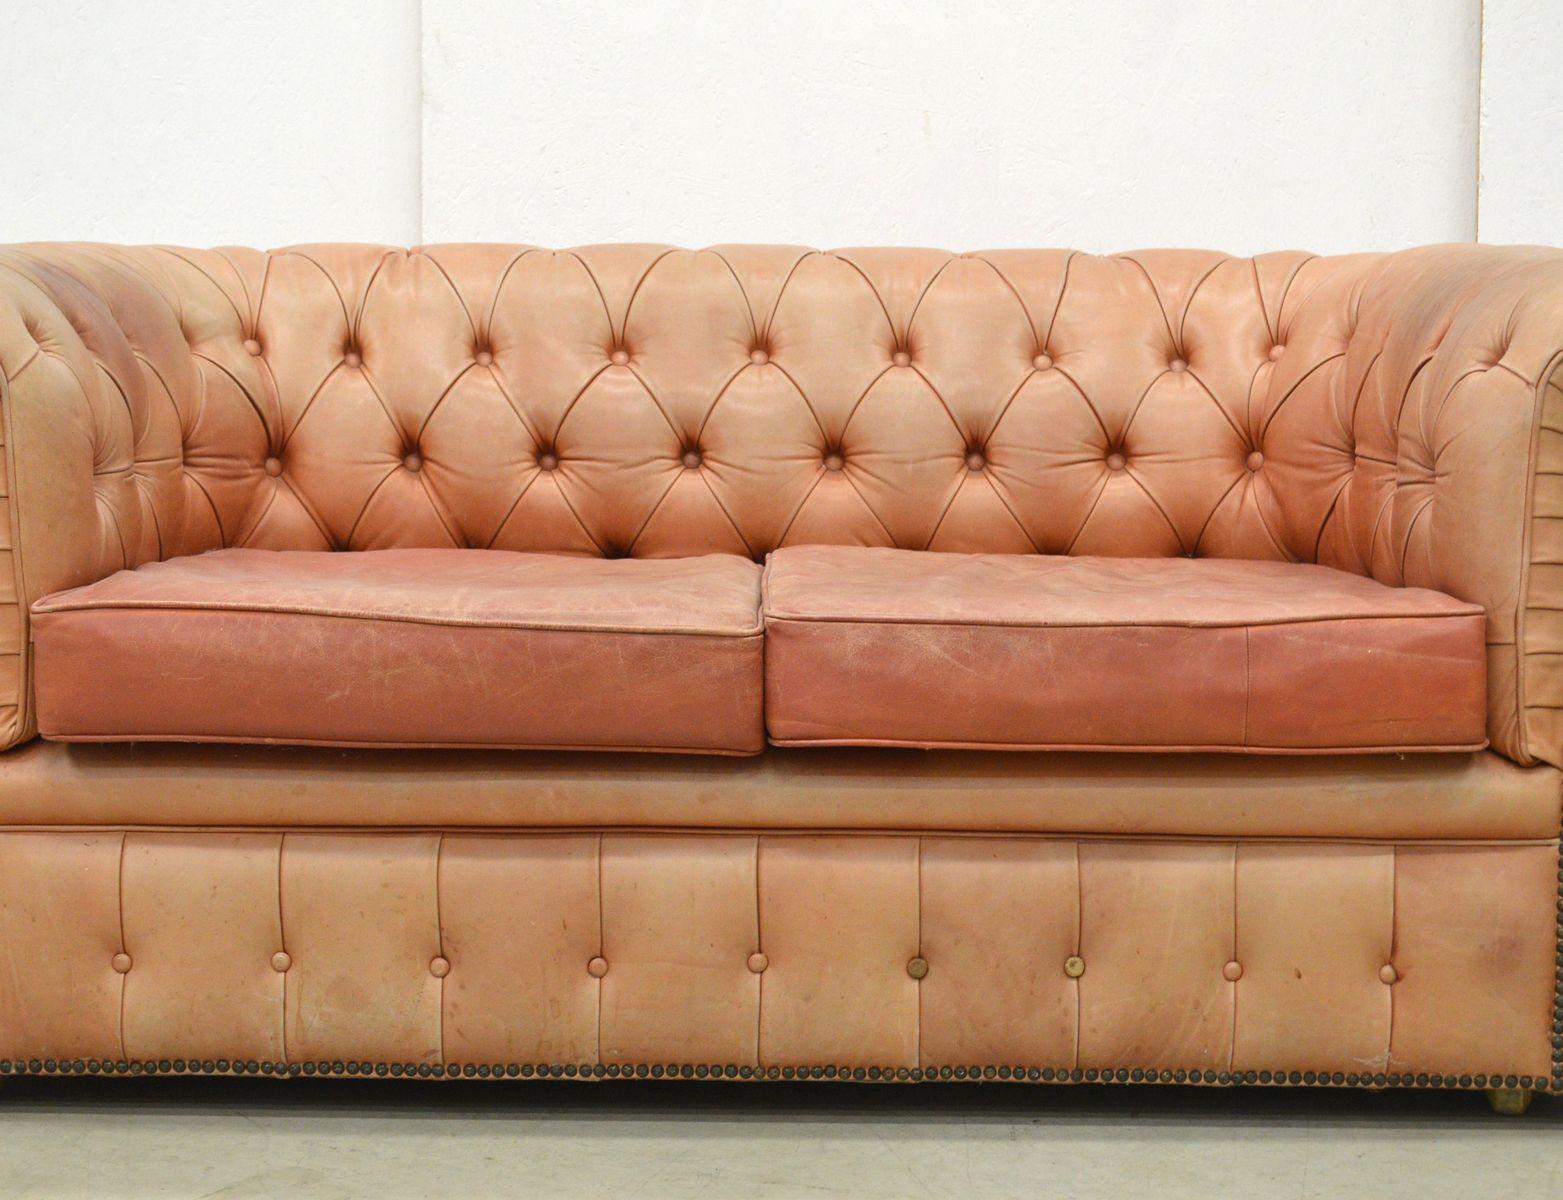 Englisches Ros Cognacfarbenes Leder Chesterfield Zwei Sitzer Sofa 1960er Bei Pamono Kaufen